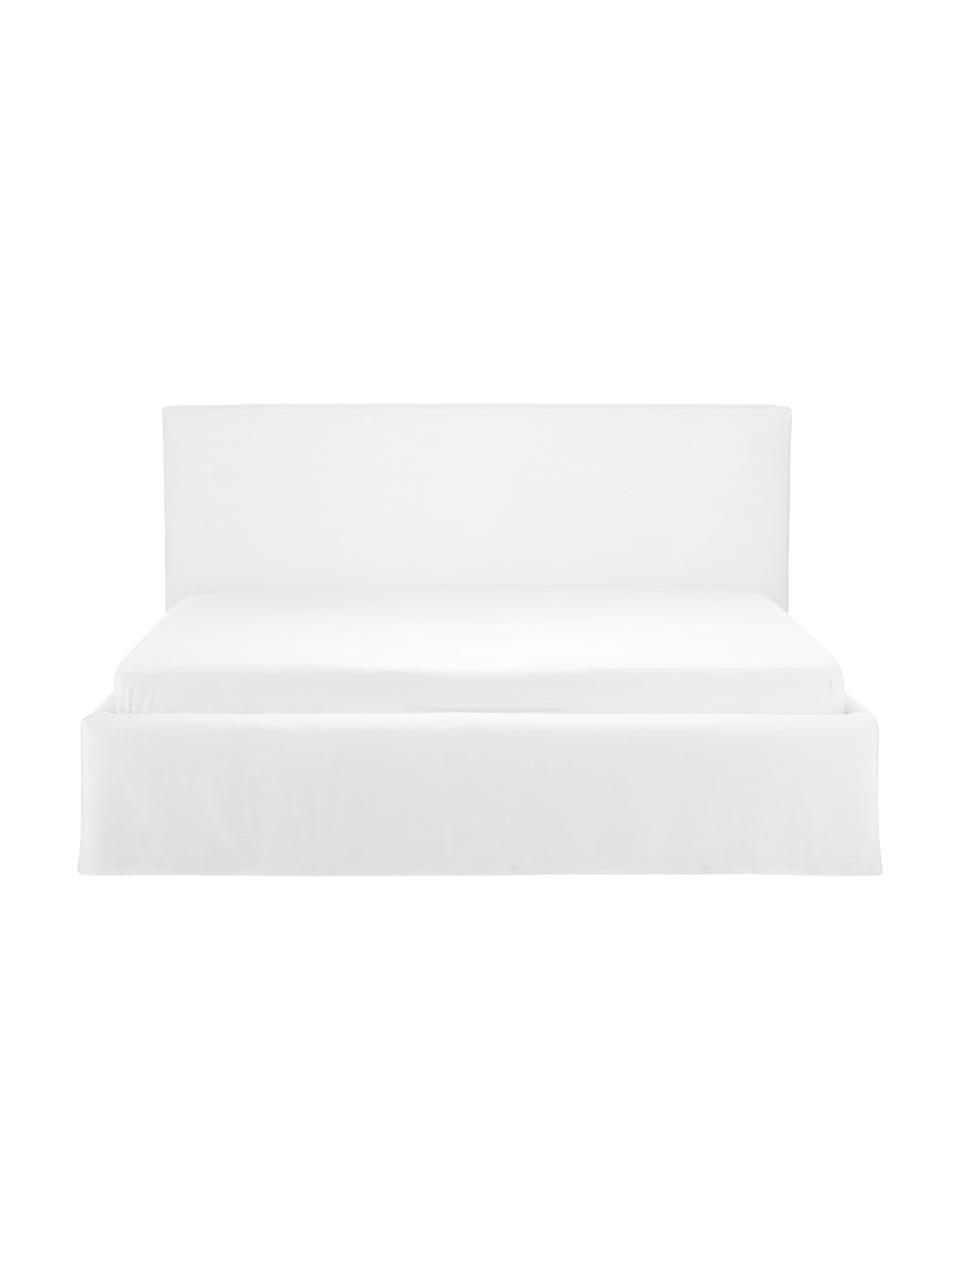 Čalouněná postel súložným prostorem Feather, Krémově bílá